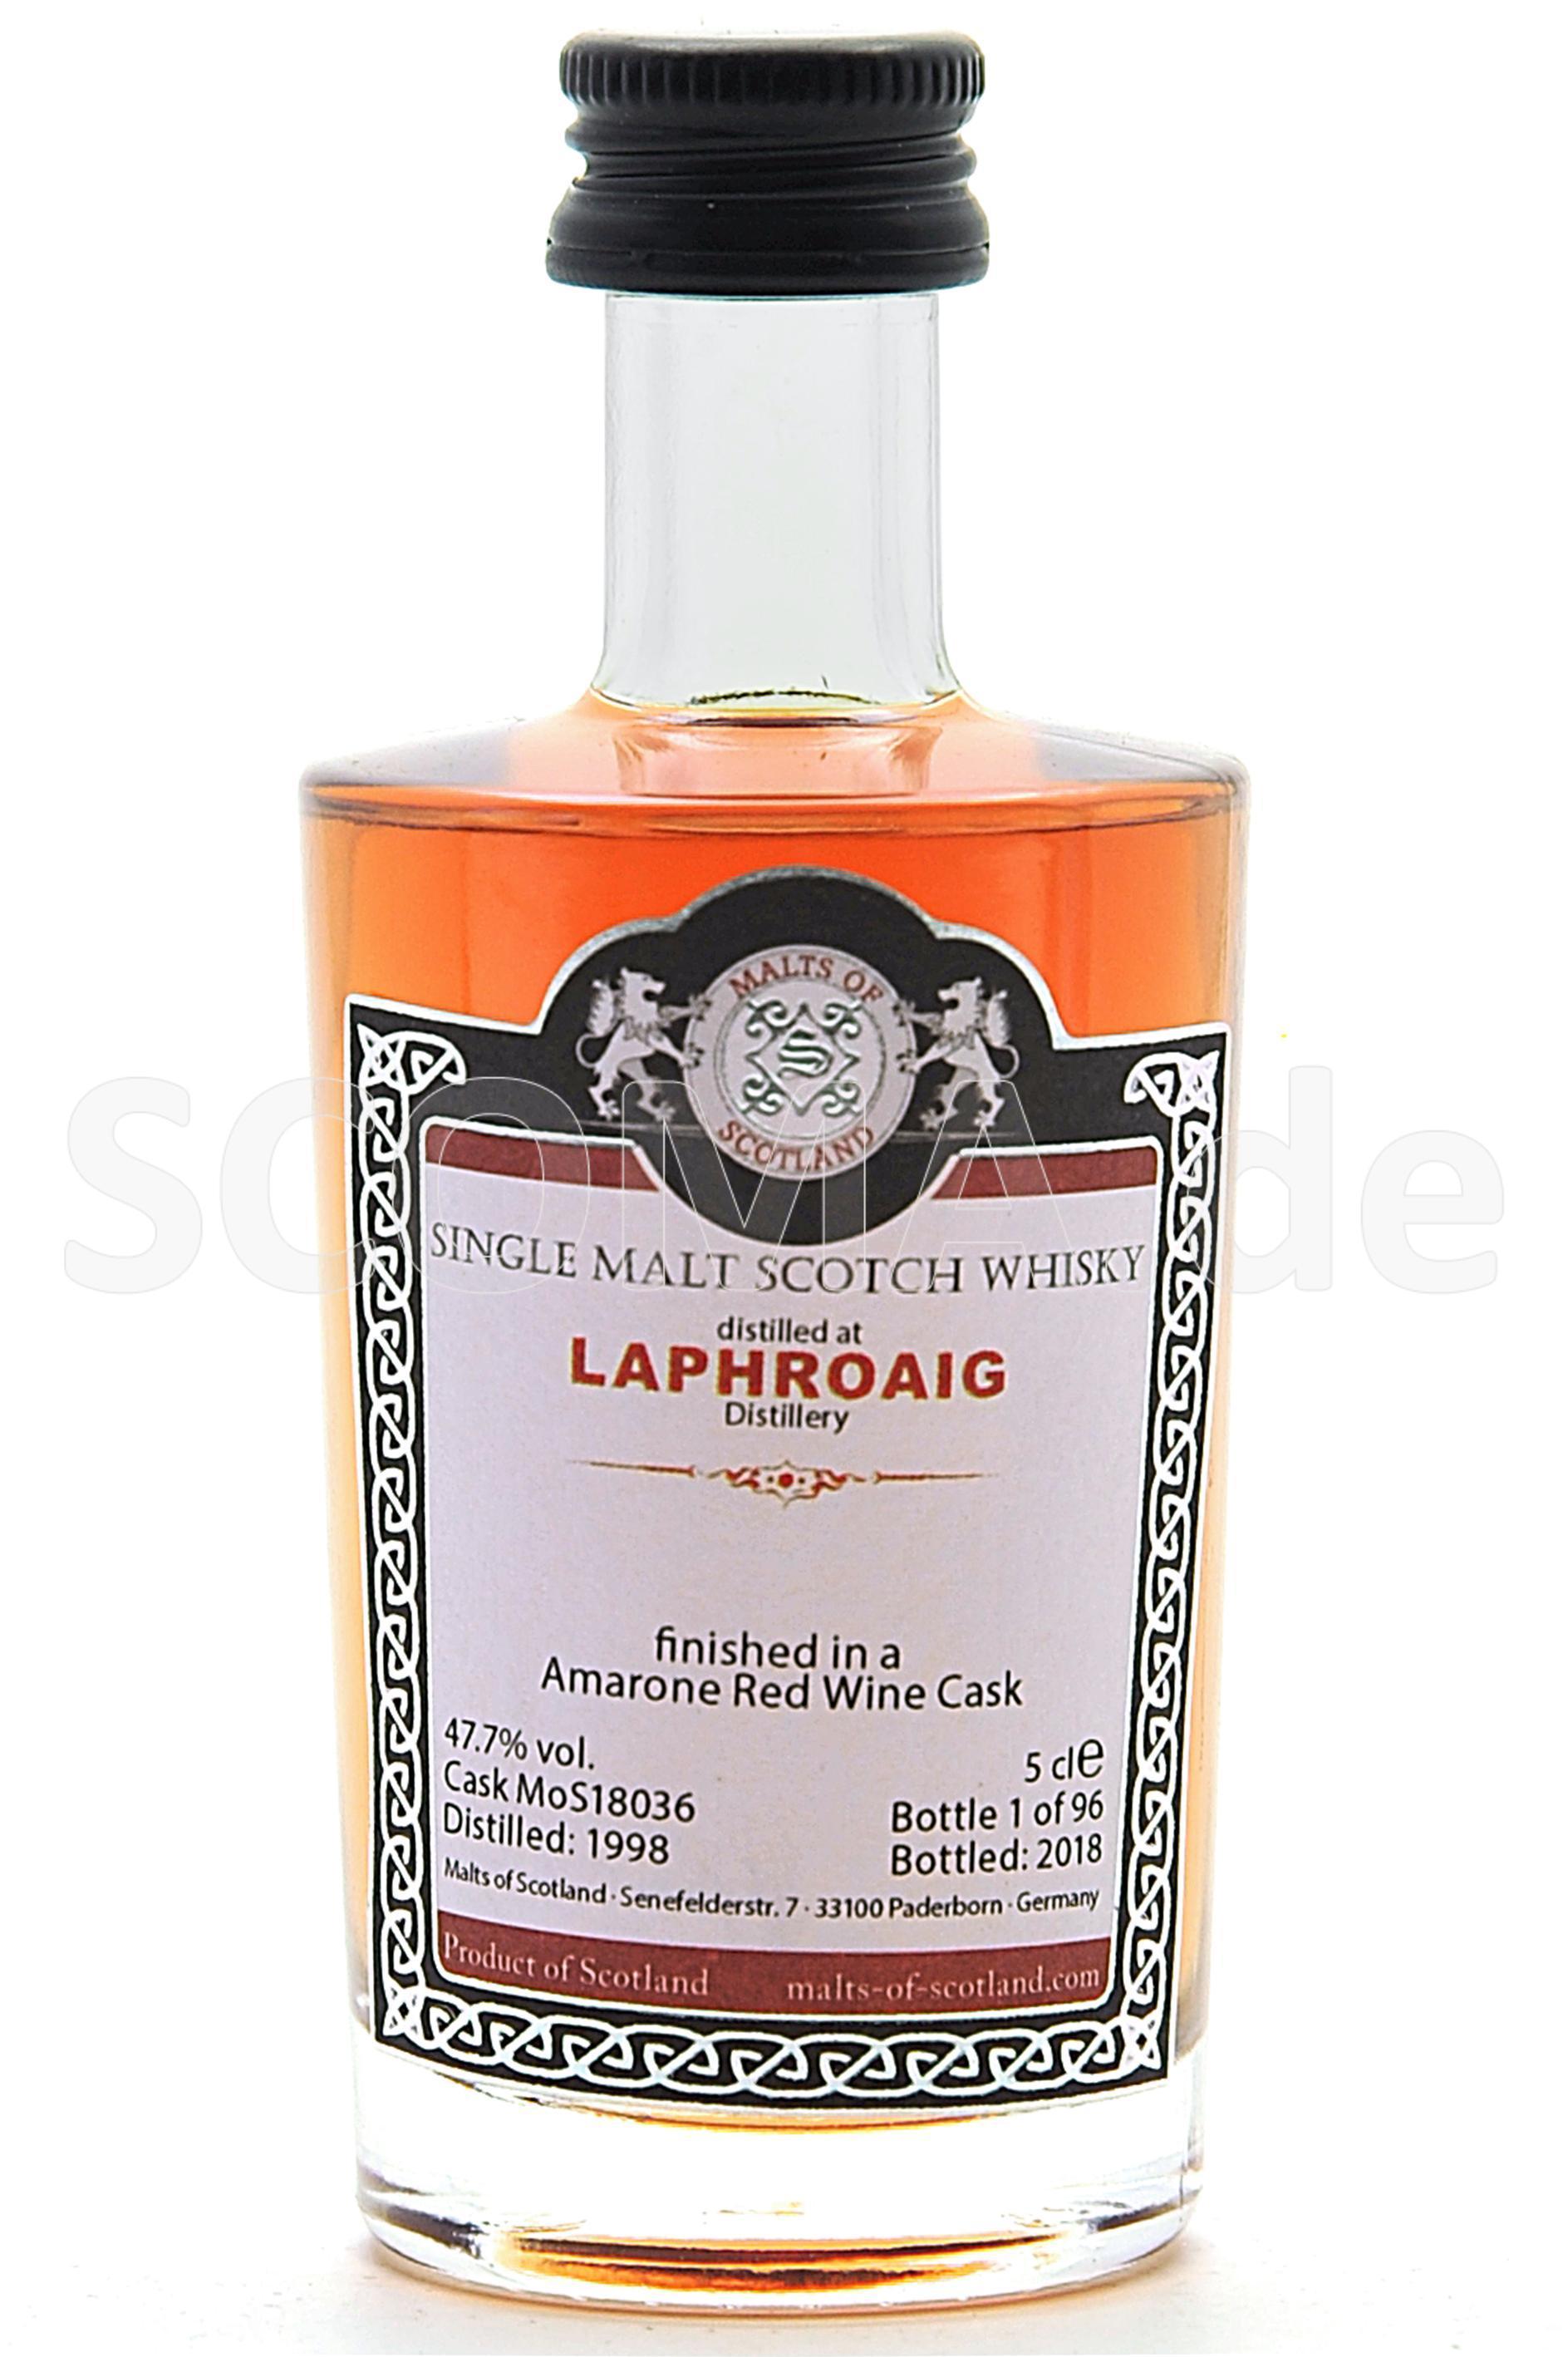 Laphroaig 1998/2018 Amarone Re...